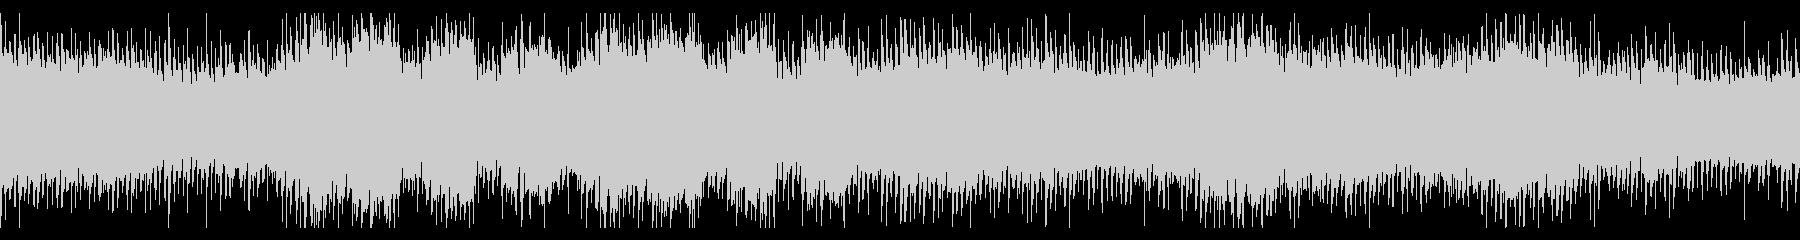 U2風の叙情的で切ないギターロックの未再生の波形